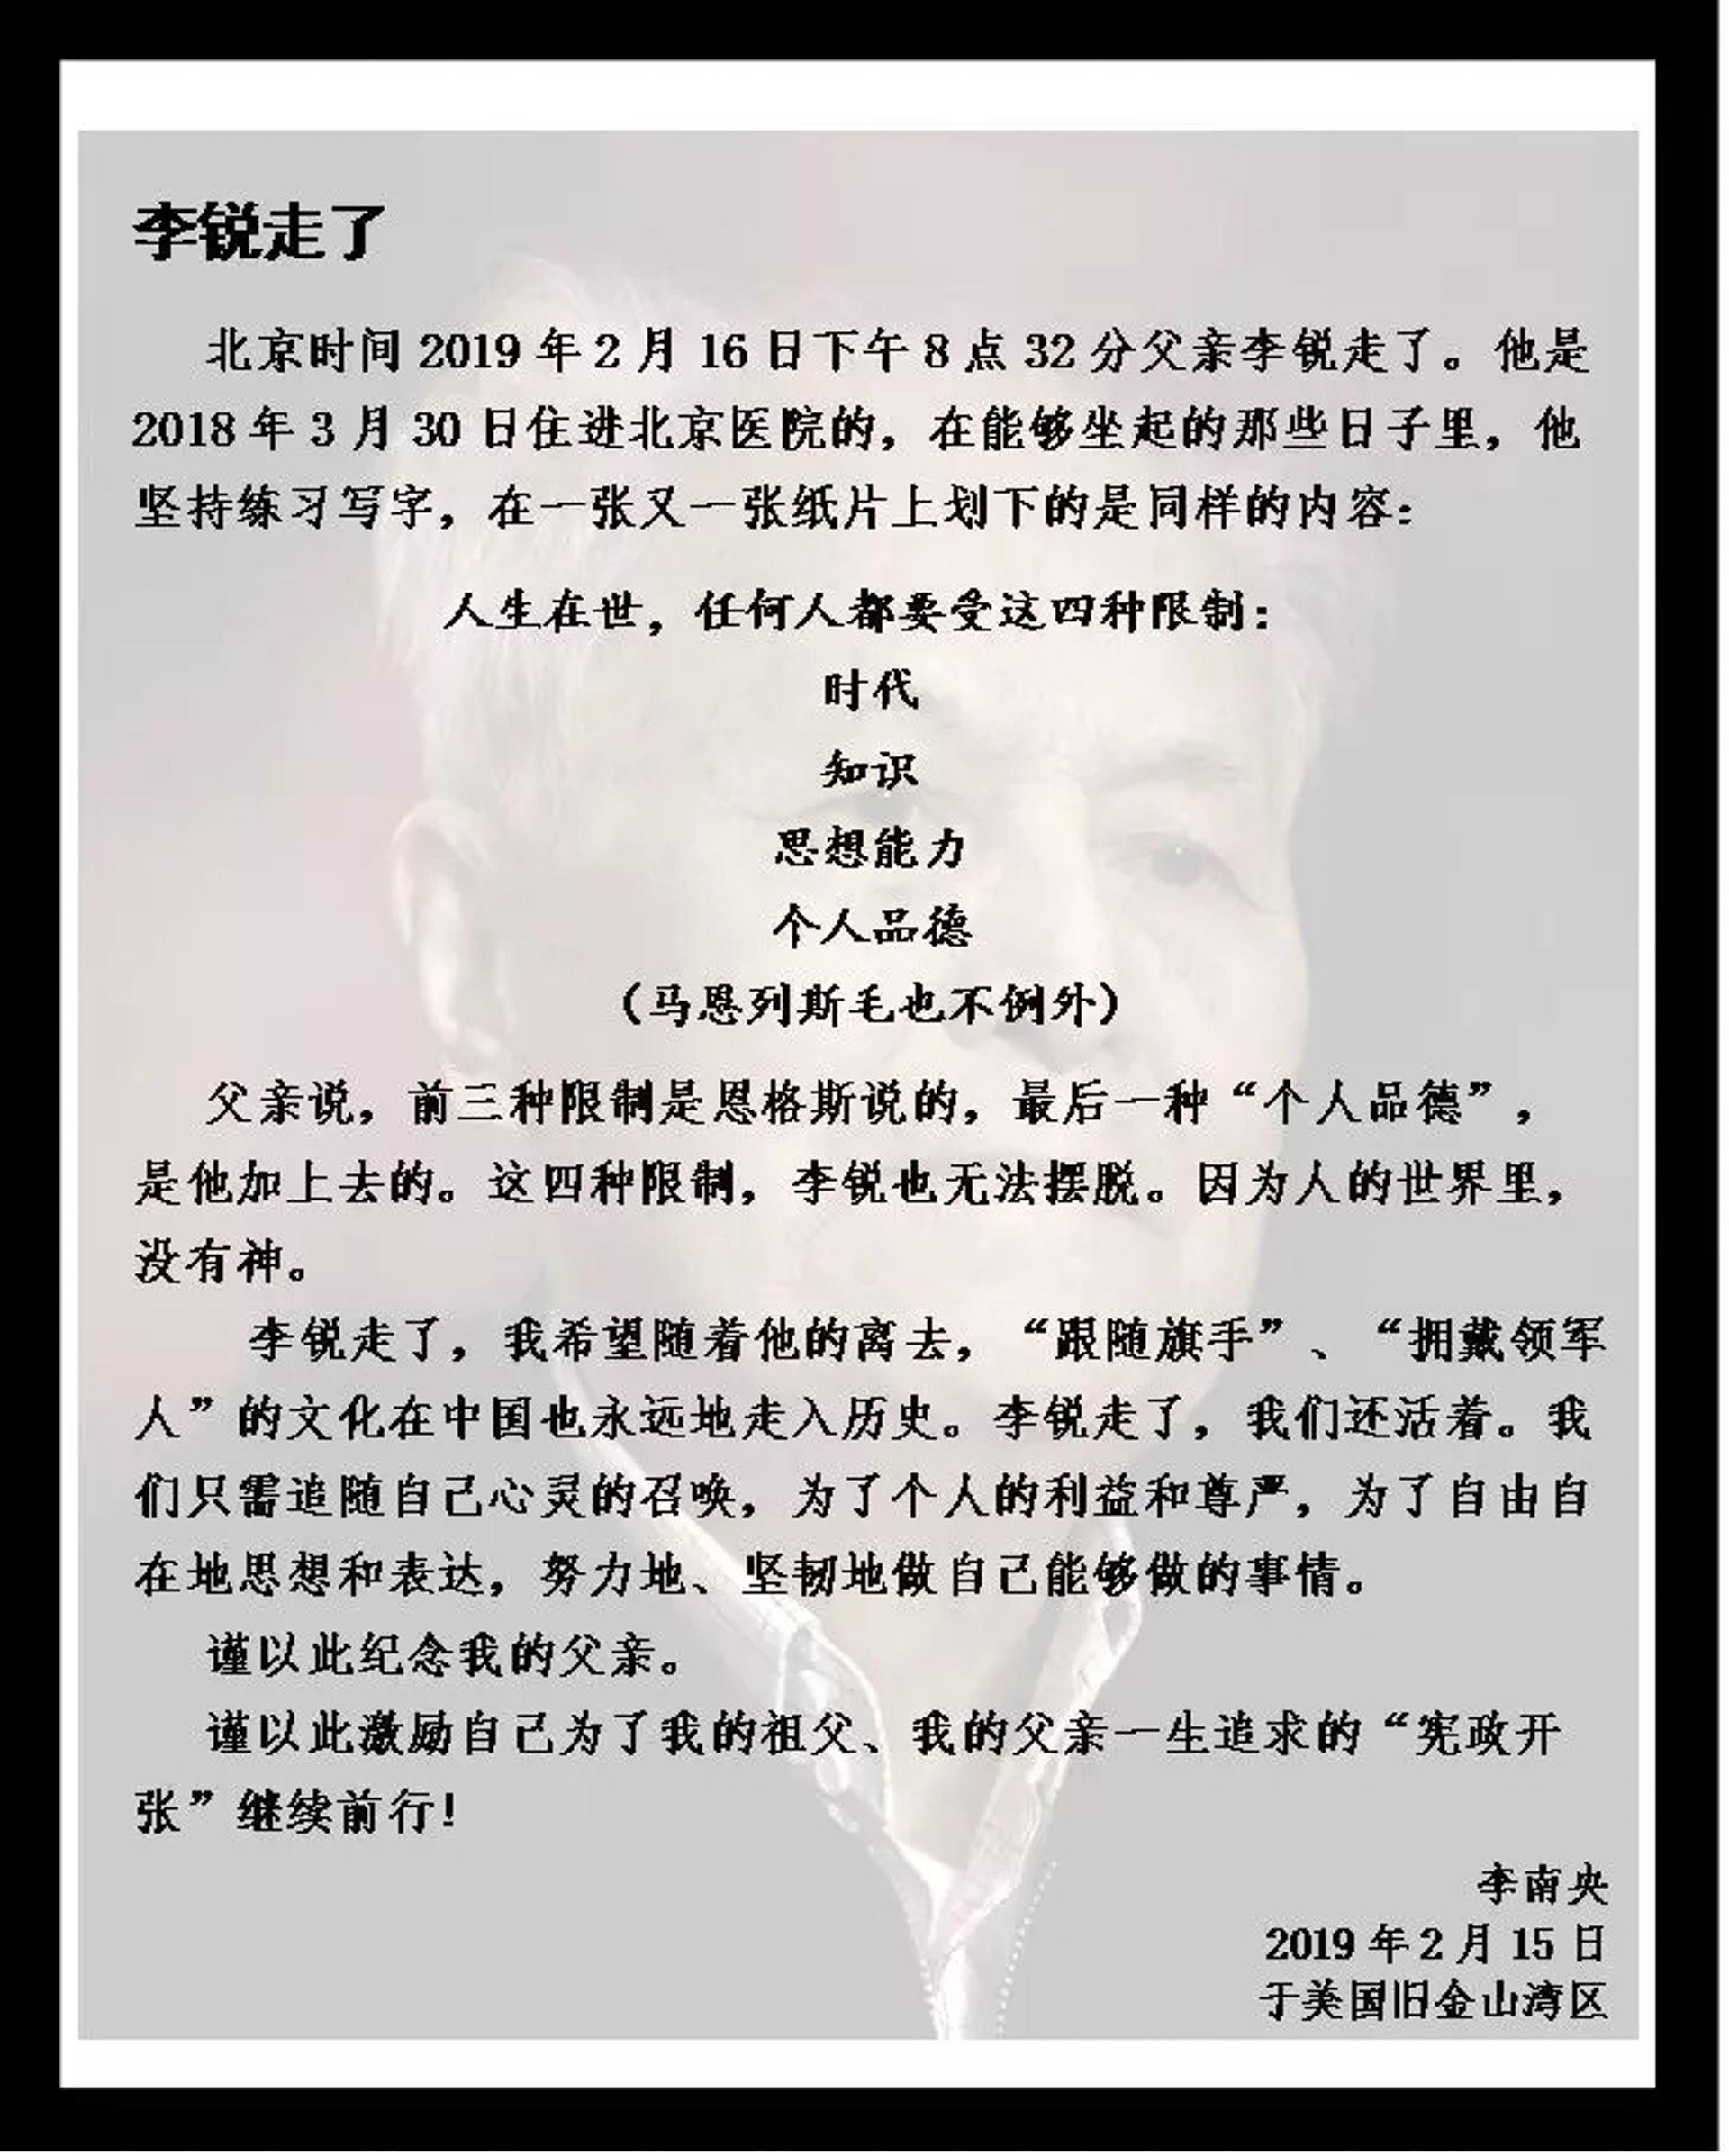 香港01 | 毛泽东前秘书李锐在北京逝世 享年101岁